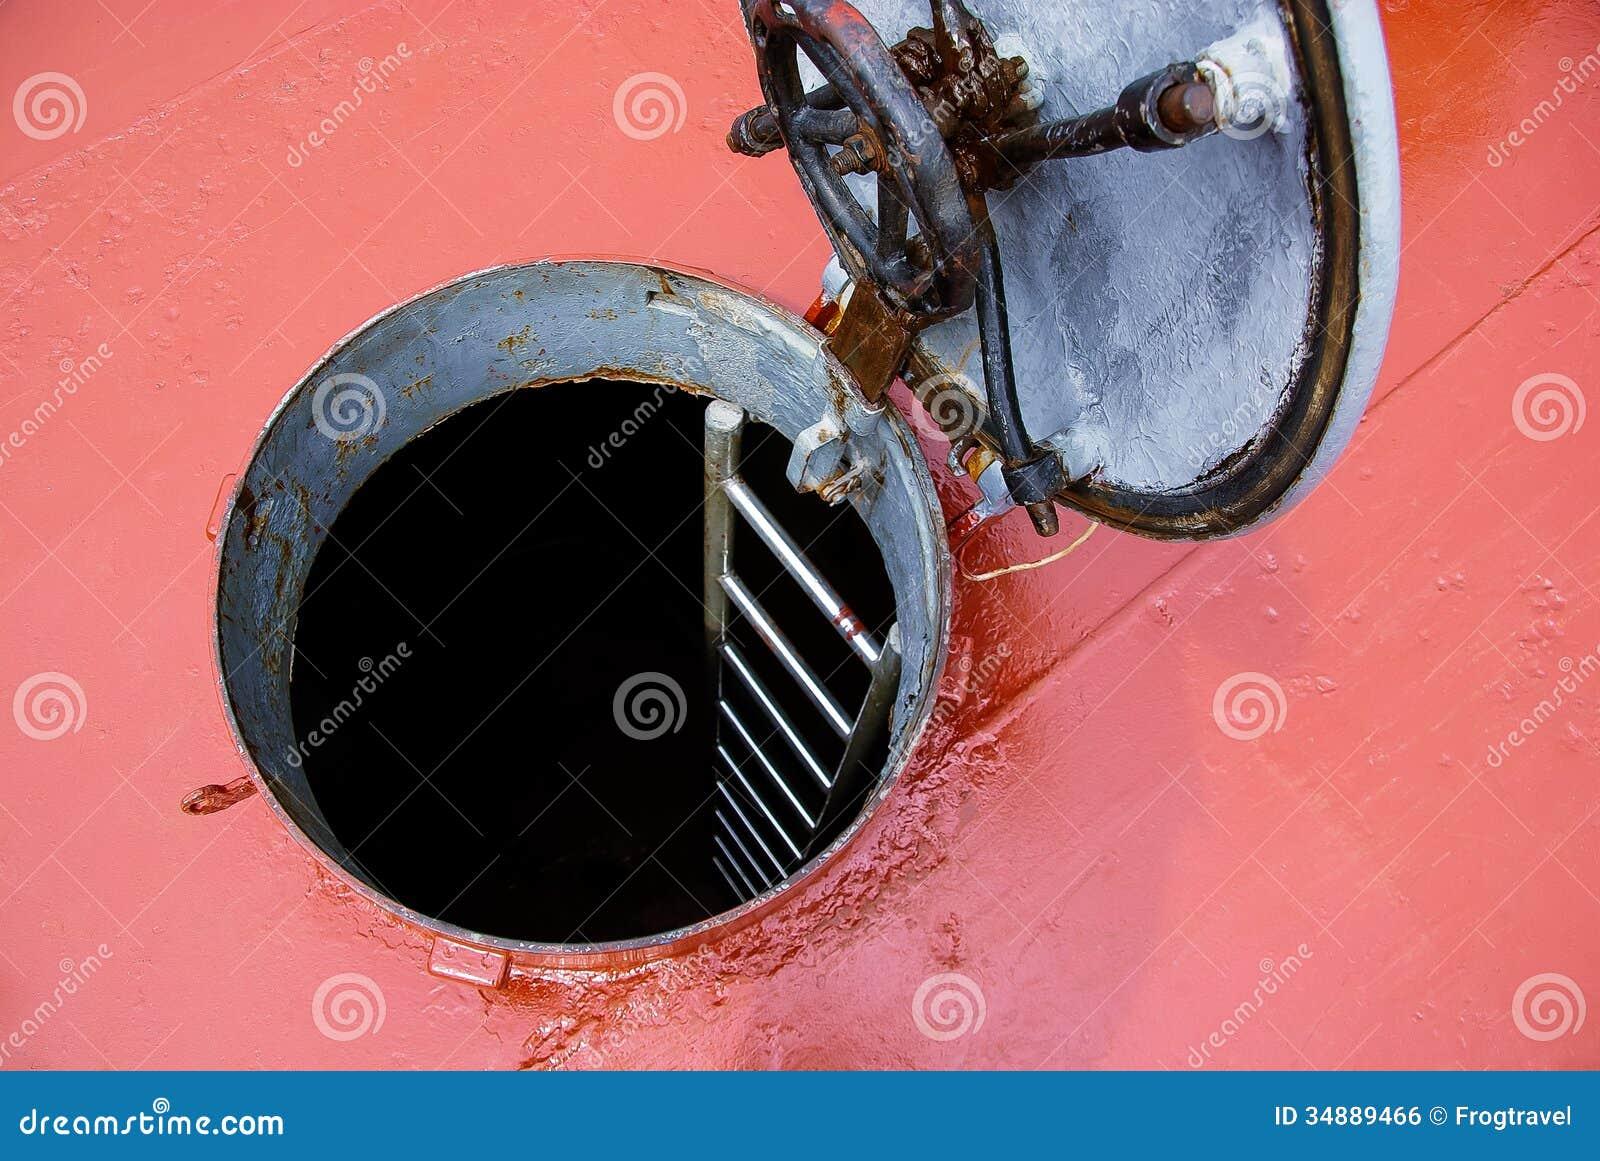 Hatch Door On Deck Stock Photo Image Of Crank Boat 34889466 Hd wallpaper metal door hatch round